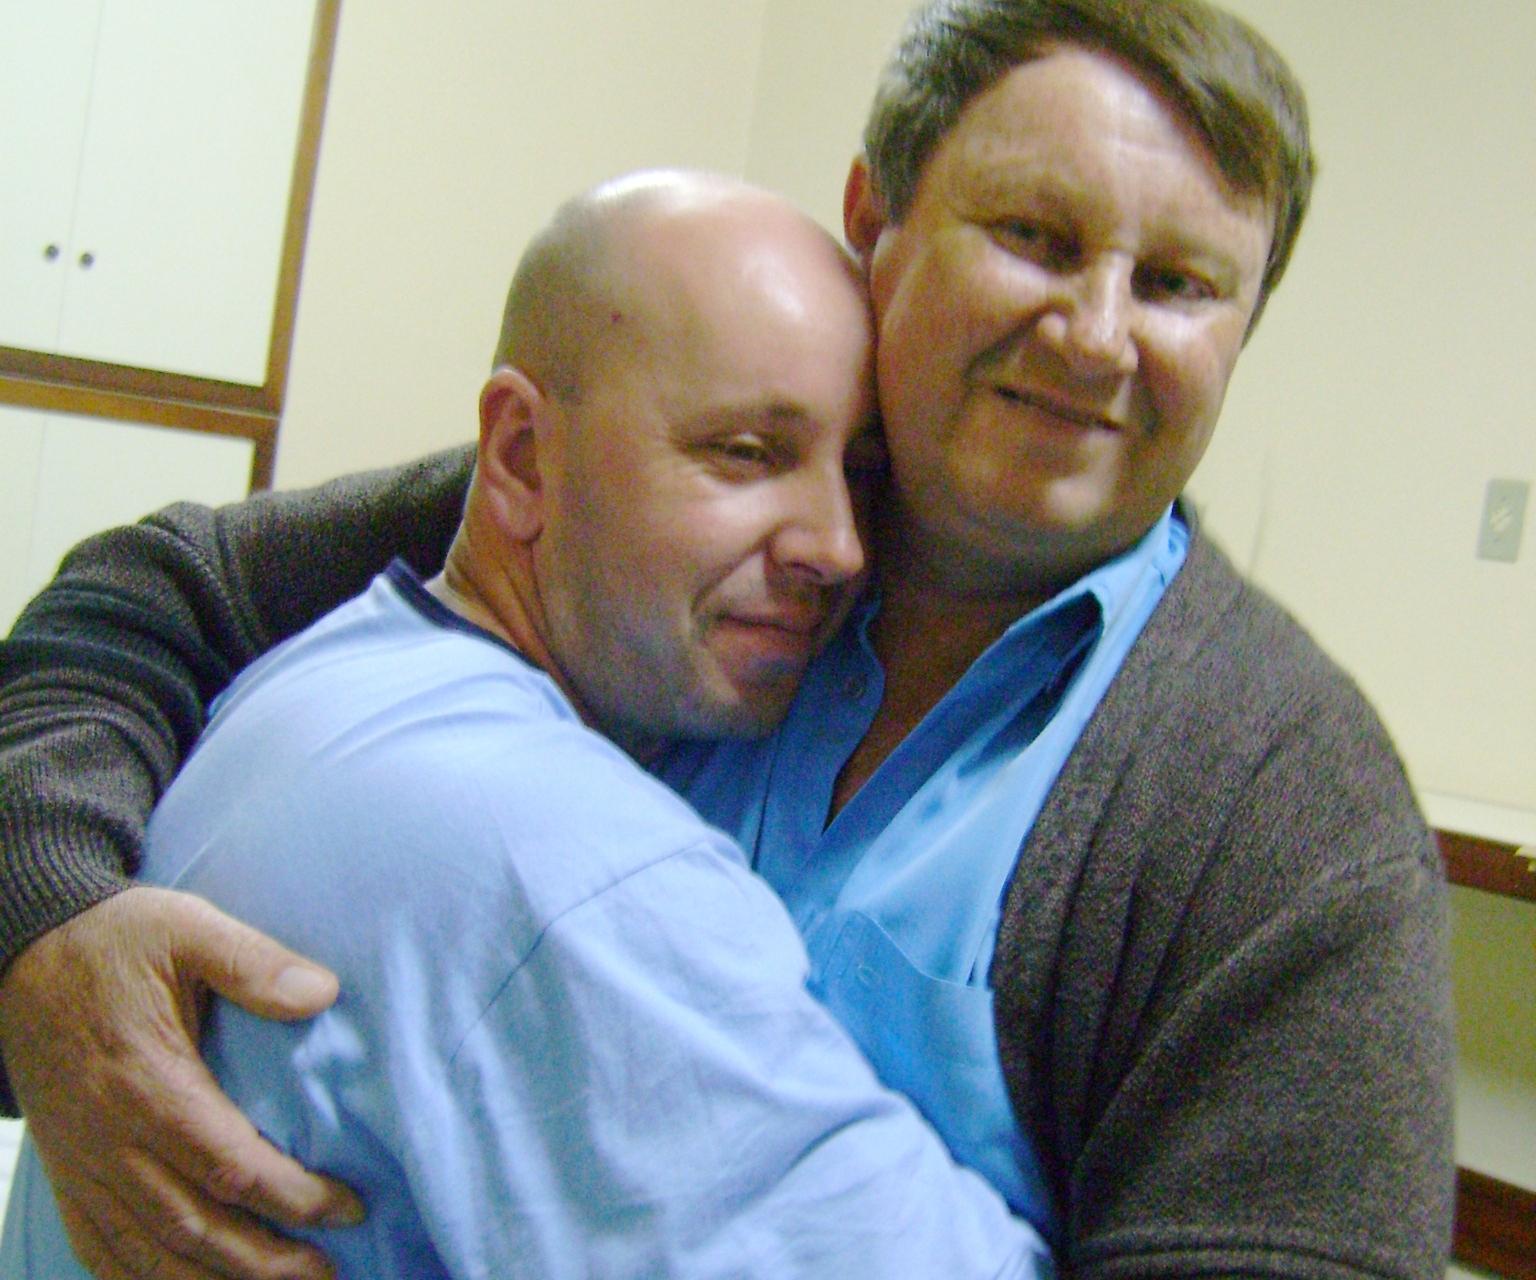 Edson e o pai Ailton, na época do transplante de rim - Divulgação/ND